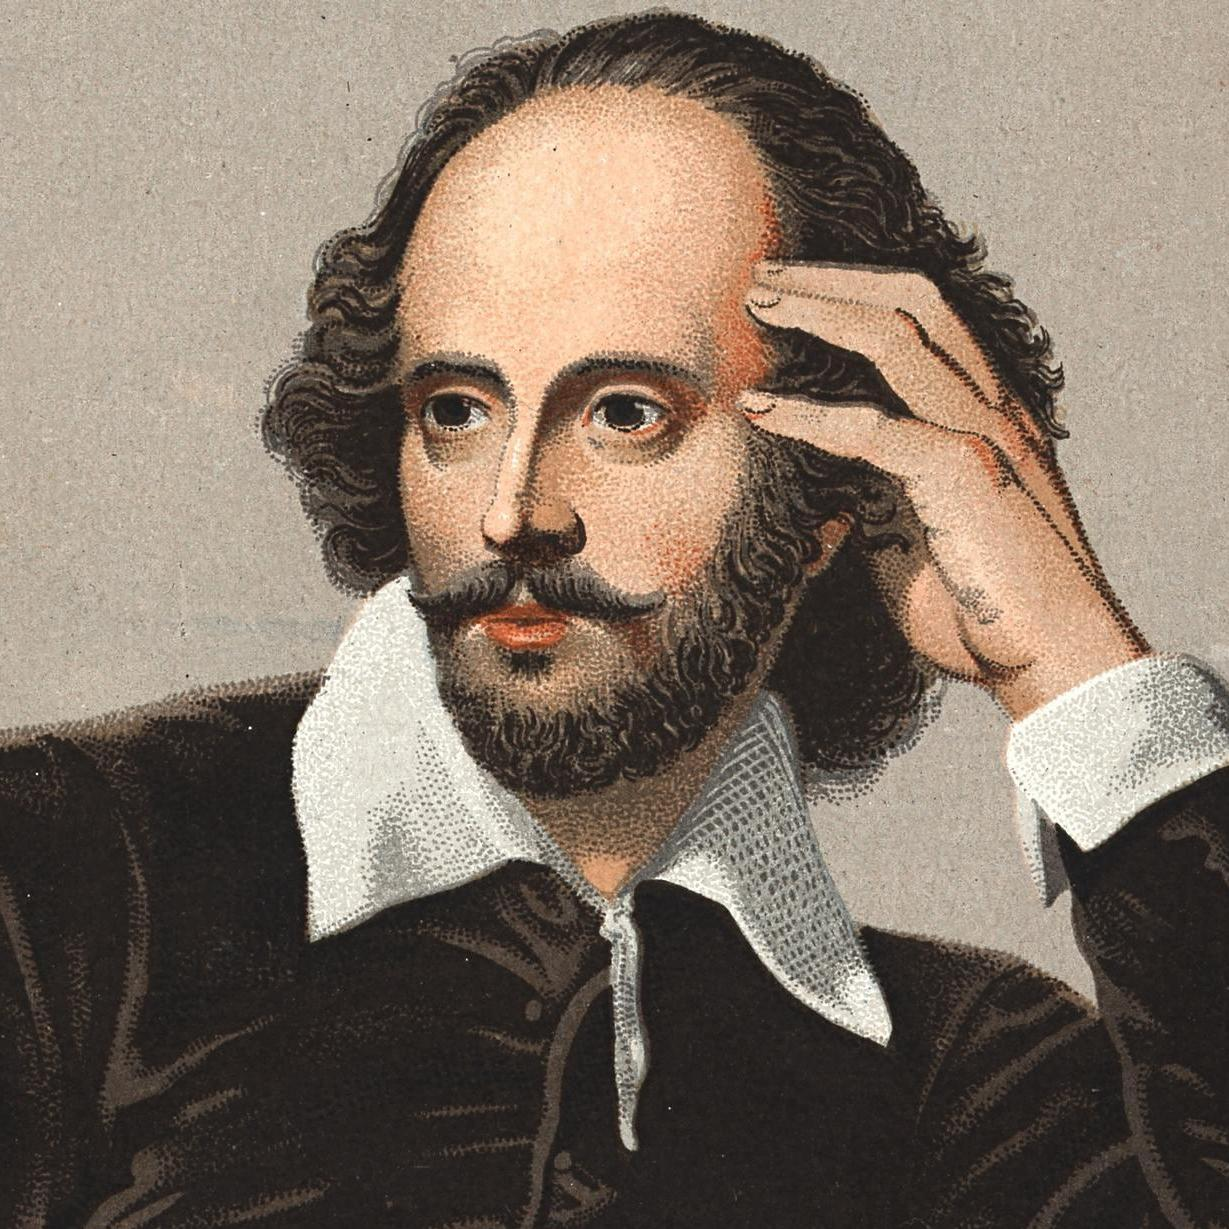 William Shakespeare